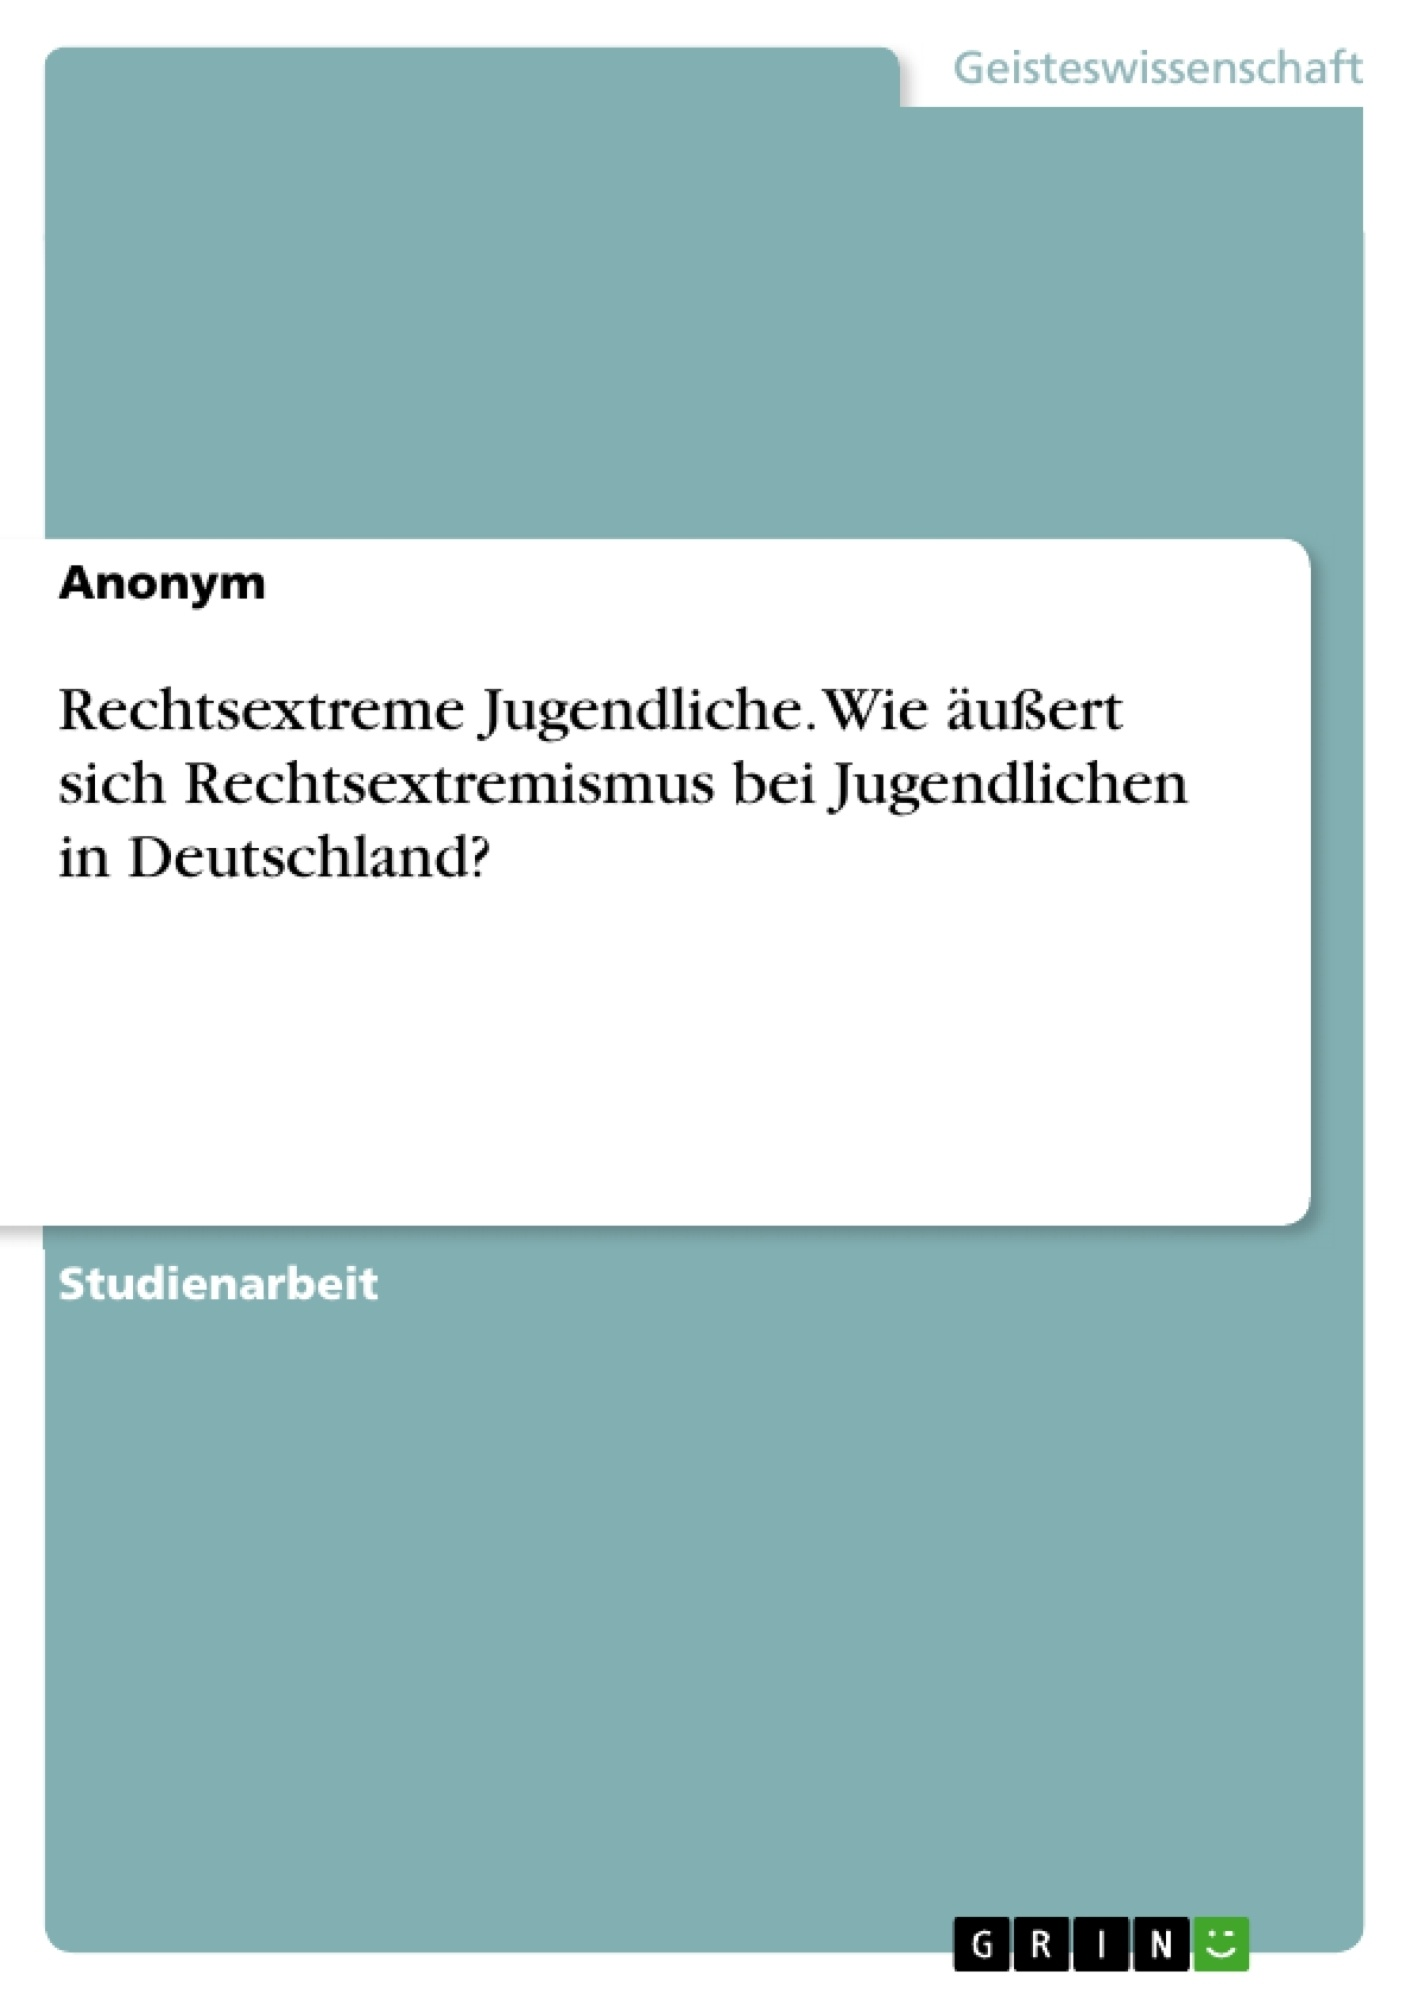 Titel: Rechtsextreme Jugendliche. Wie äußert sich Rechtsextremismus bei Jugendlichen in Deutschland?